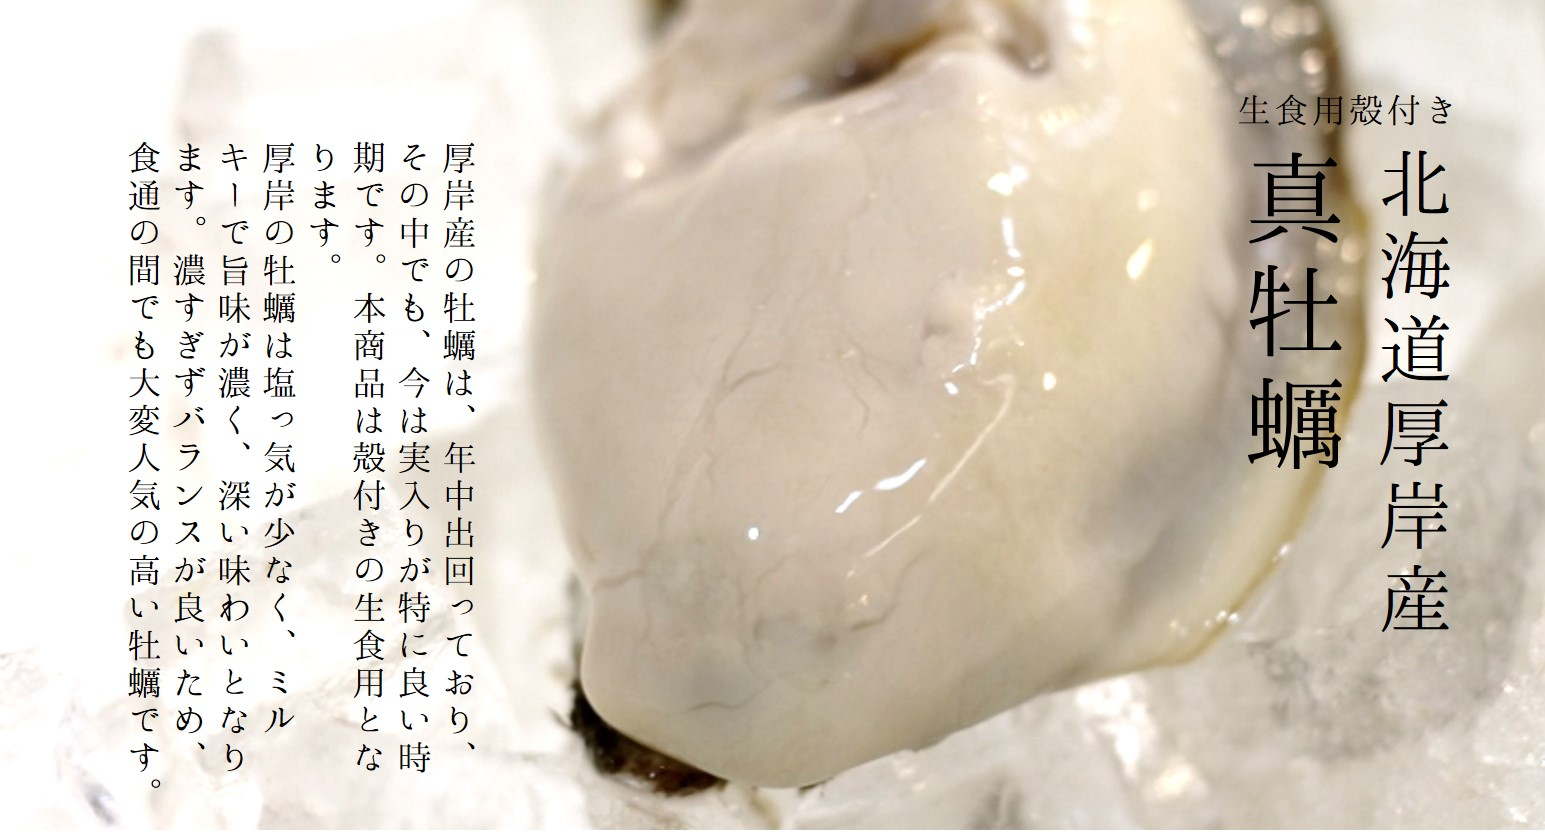 真牡蠣 厚岸